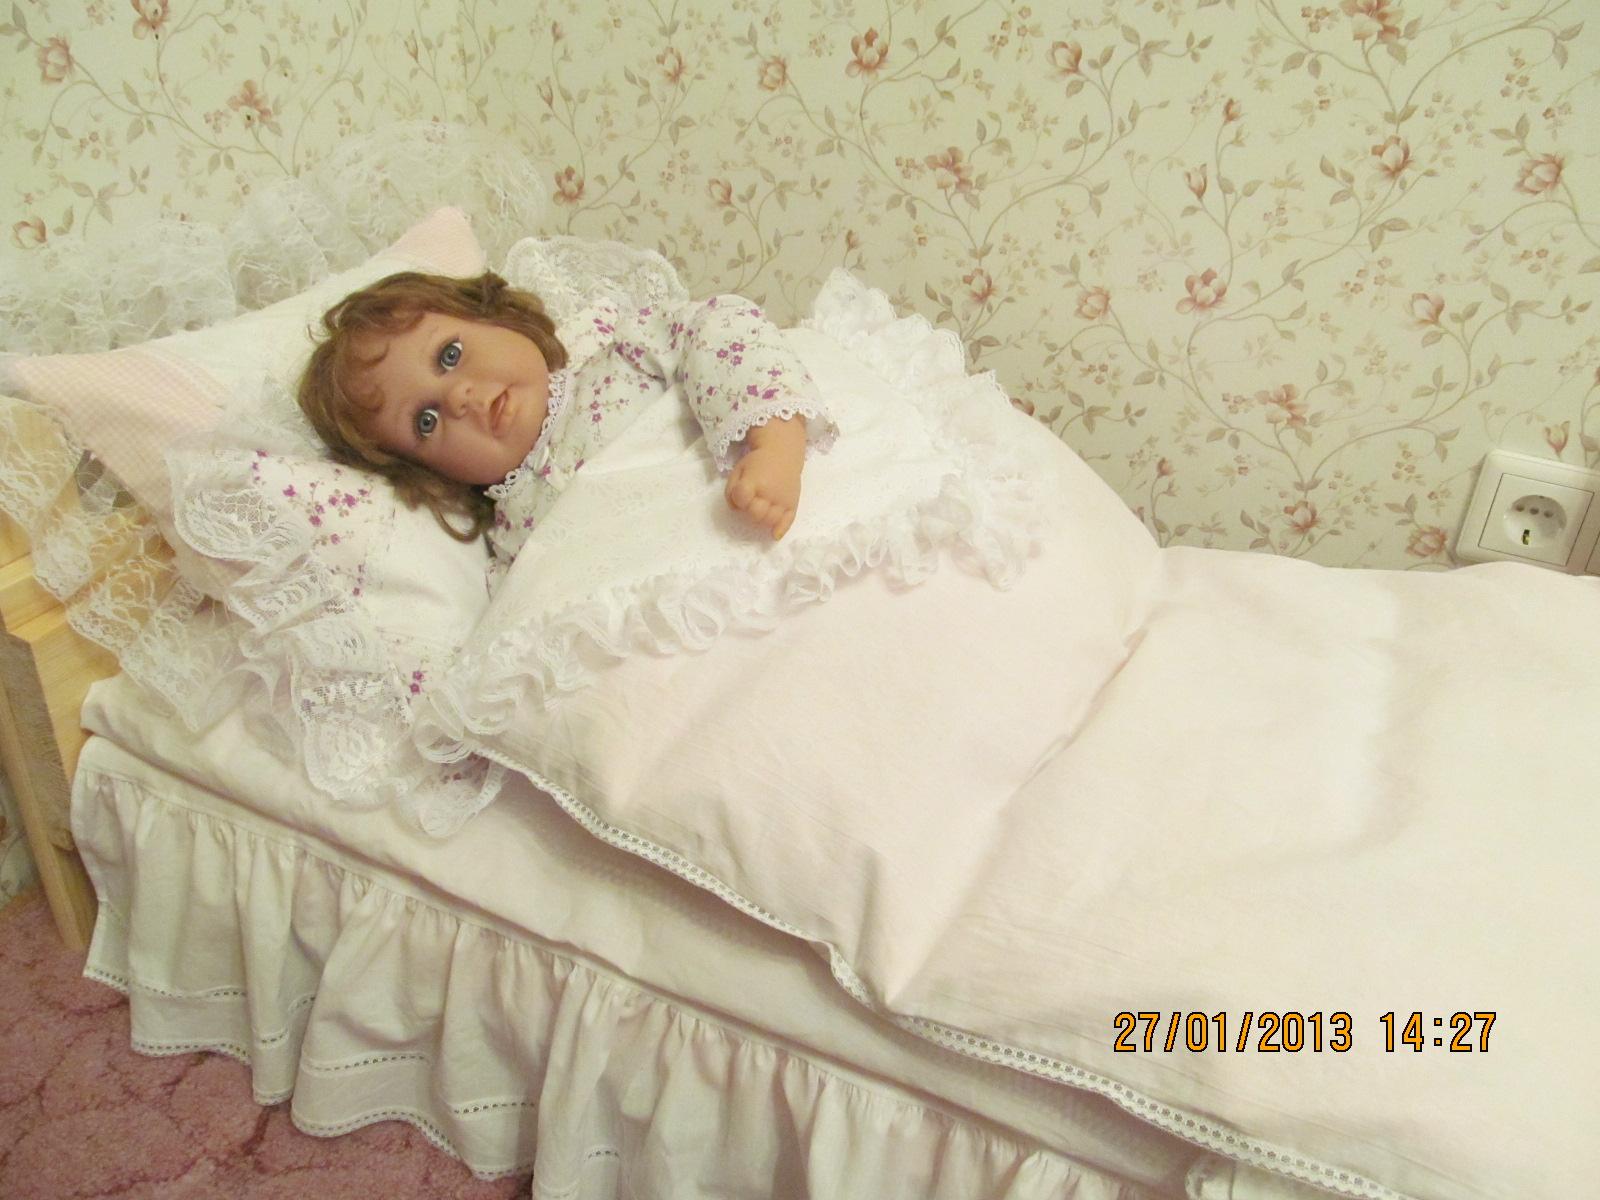 Постель для кукольной кроватки сшить своими руками 13